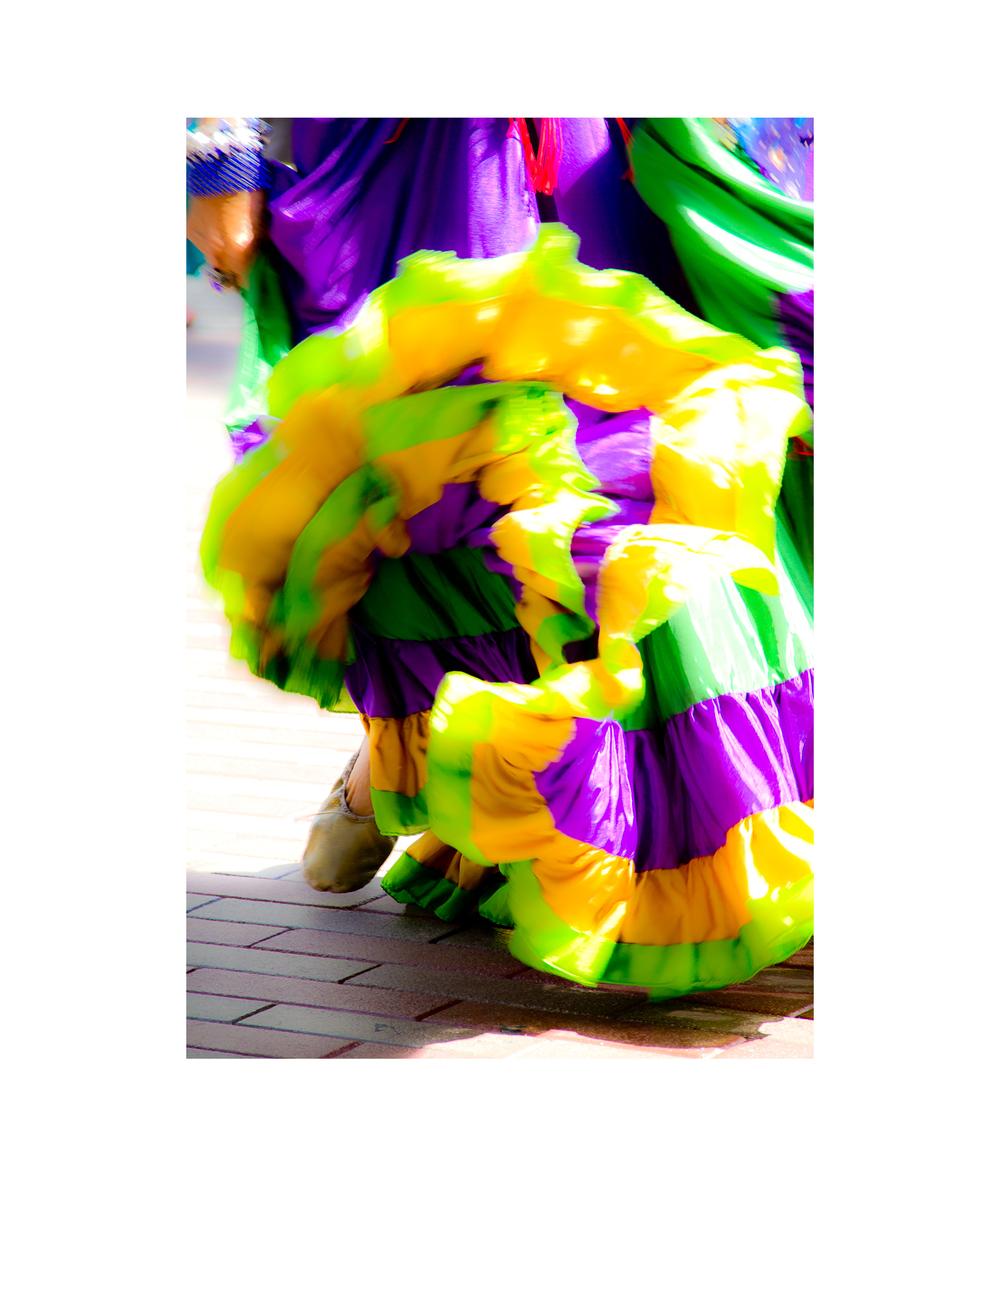 blurred1-1.jpg